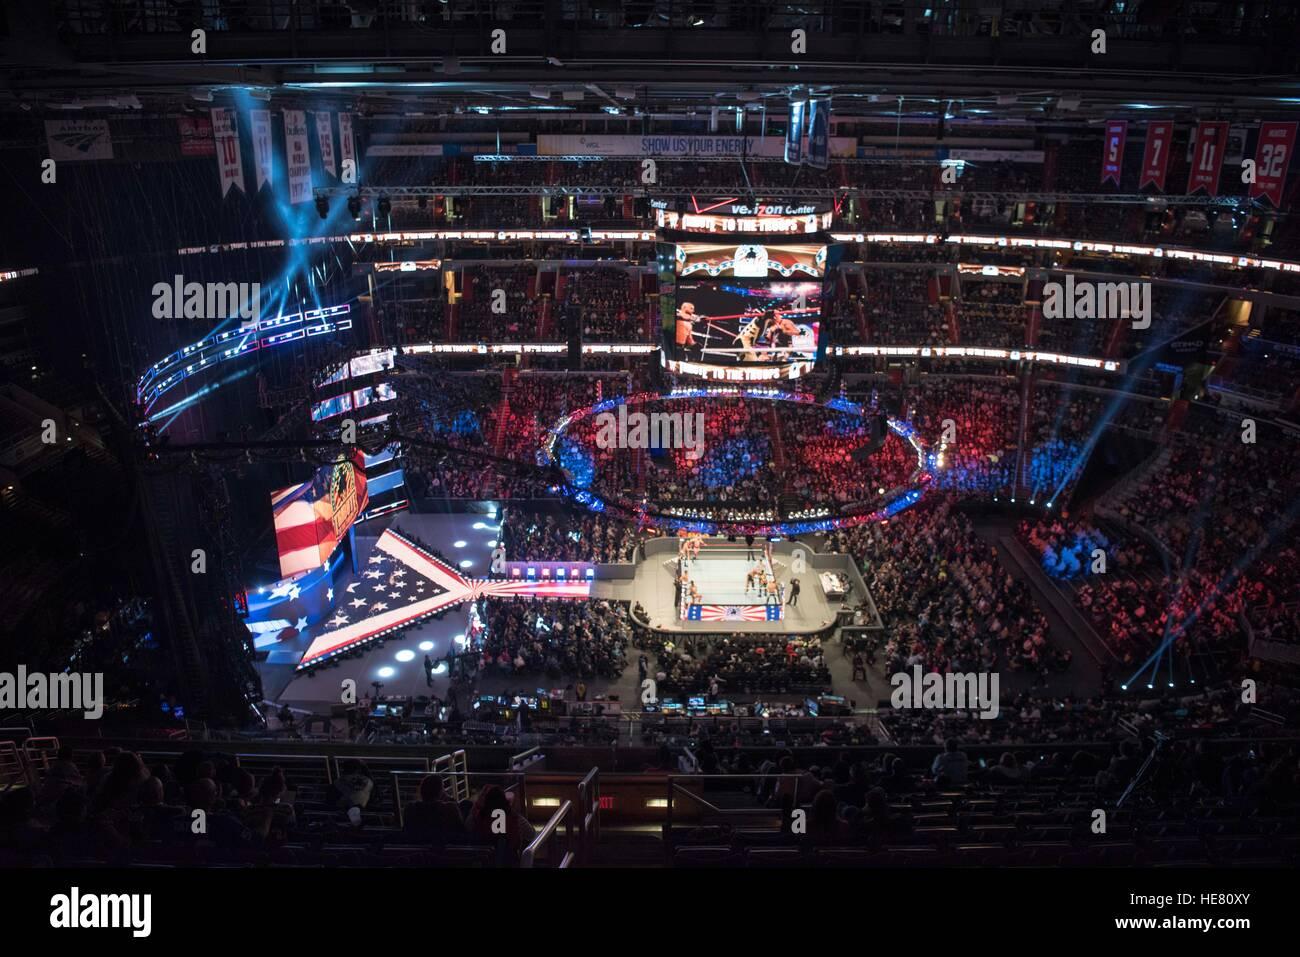 Vista aerea del Verizon Center stadium impostato con una corte centrale anello di wrestling per la XIV tributo annuale Immagini Stock